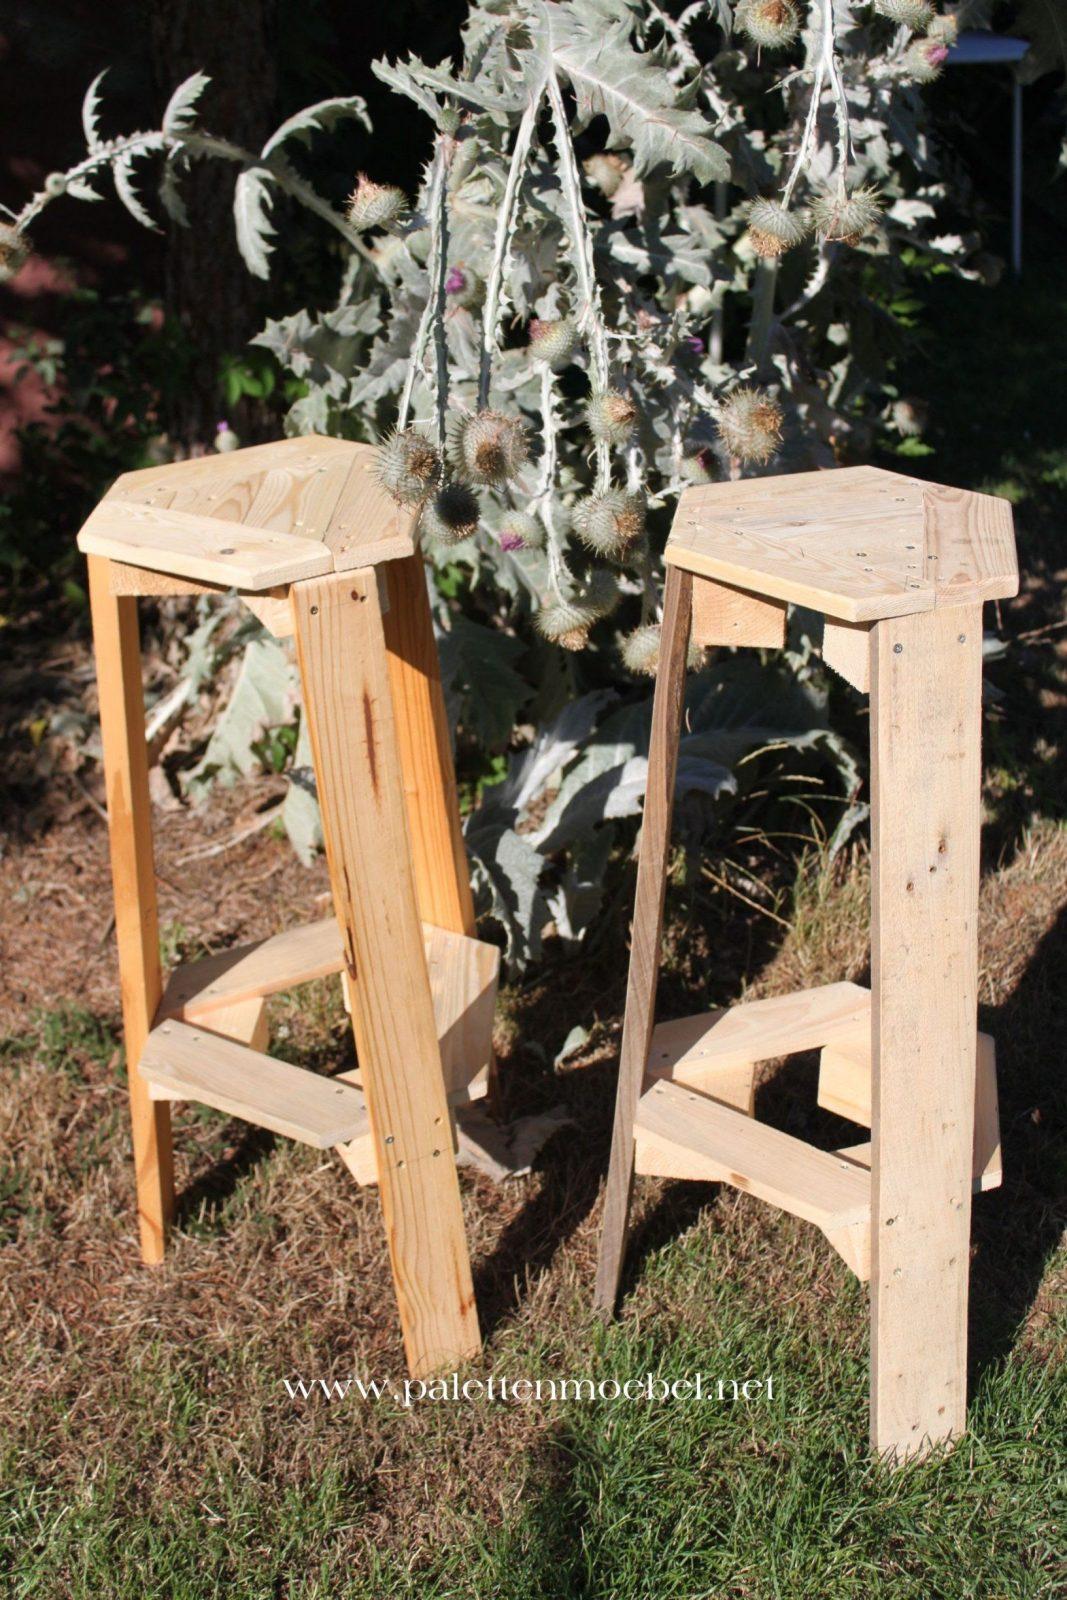 Hocker Aus Paletten  Blumenständer Selber Bauen  Youtube von Blumenständer Holz Selber Bauen Photo